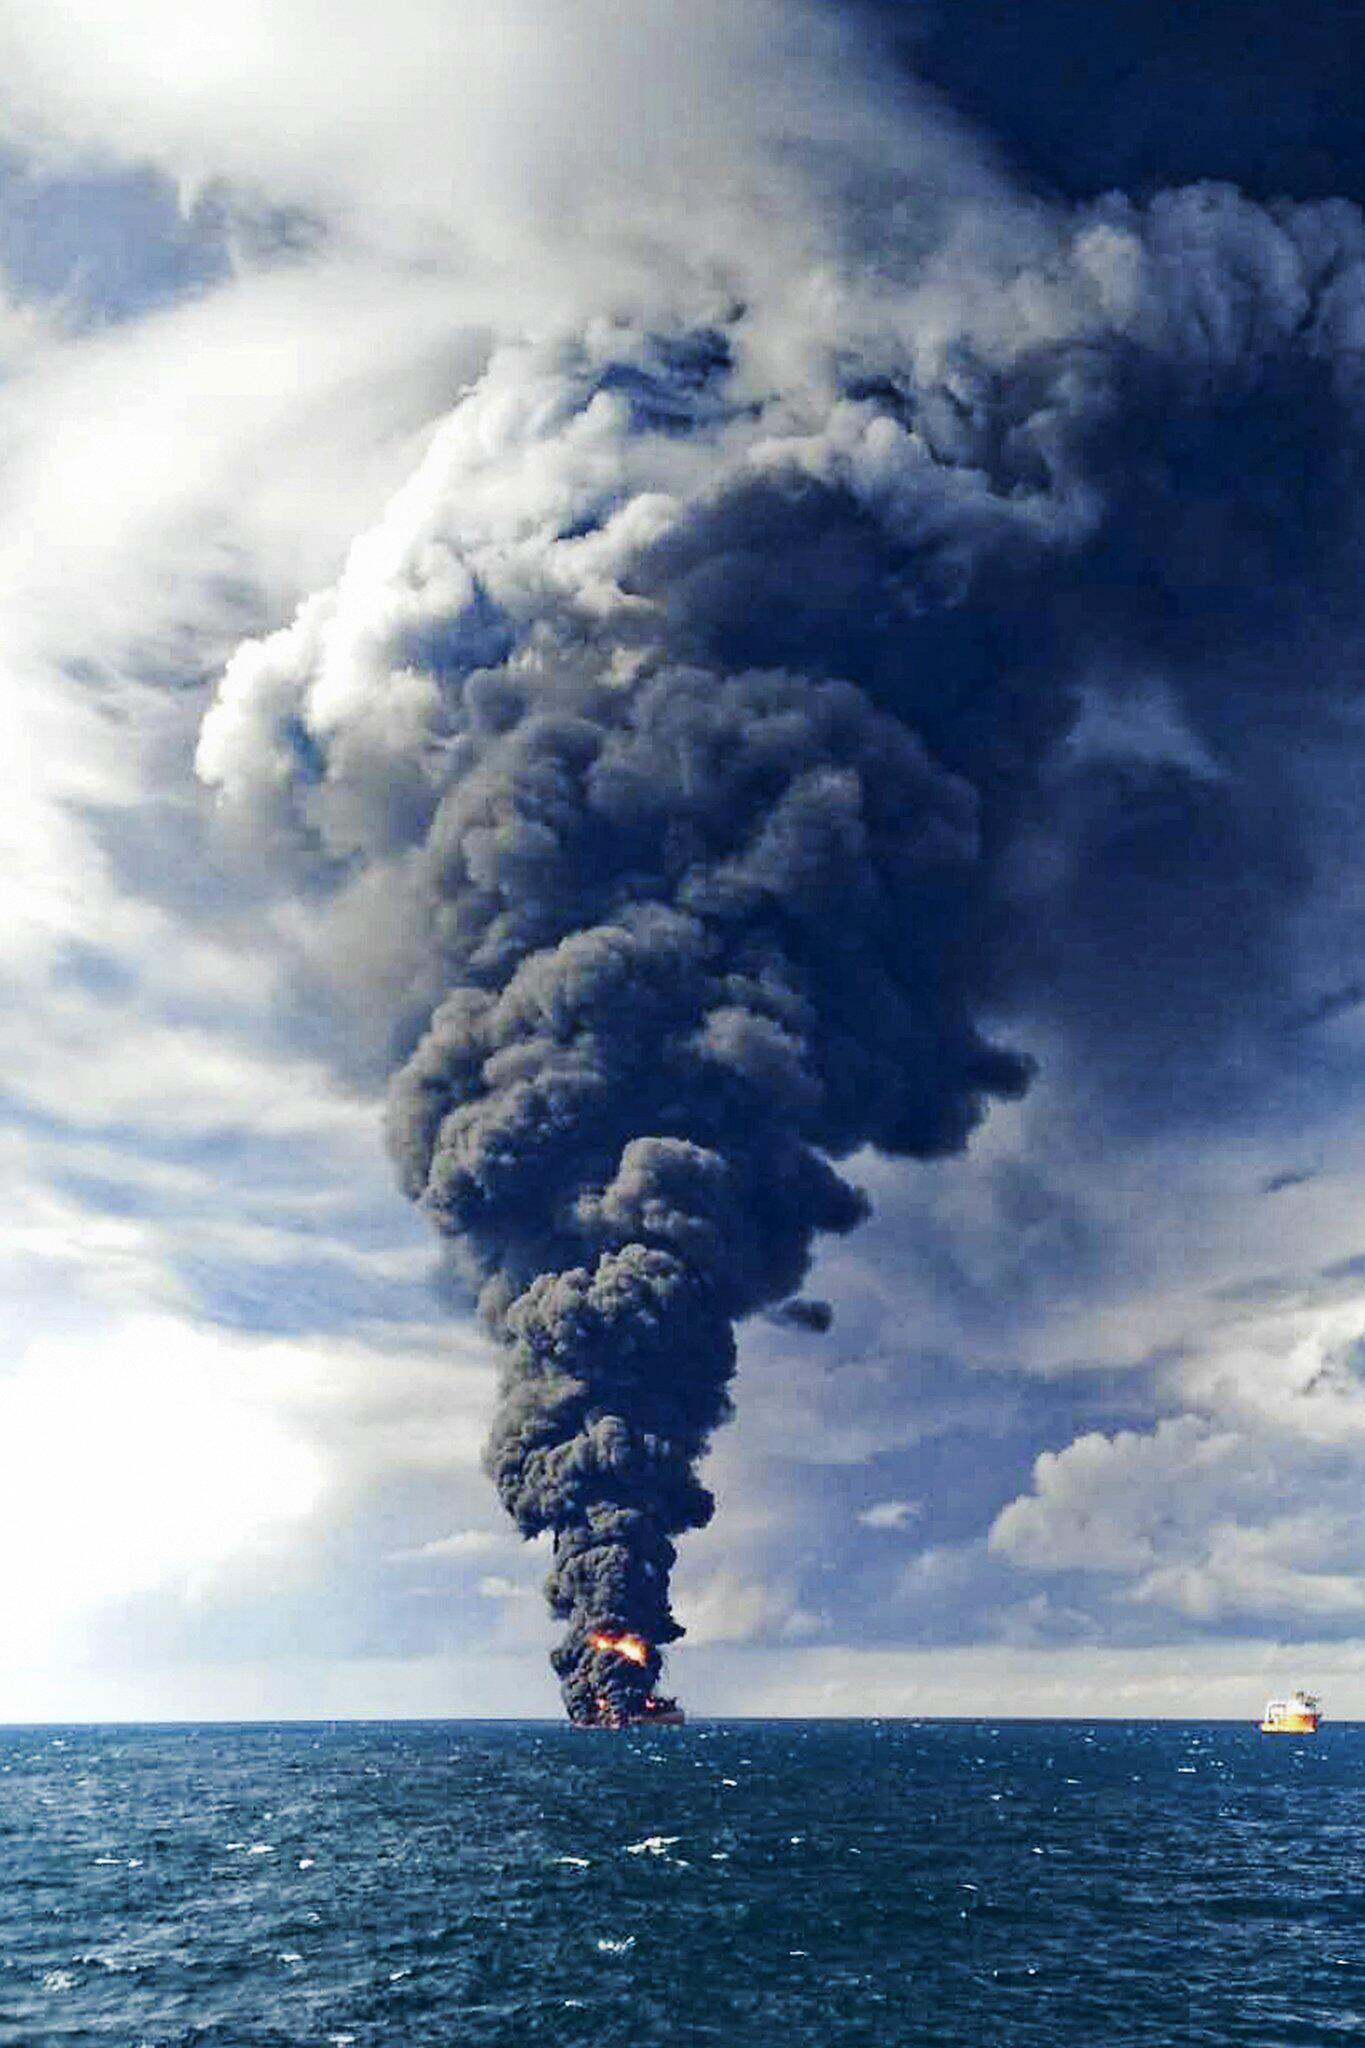 Bild zu Brennender Tanker «Sanchi»